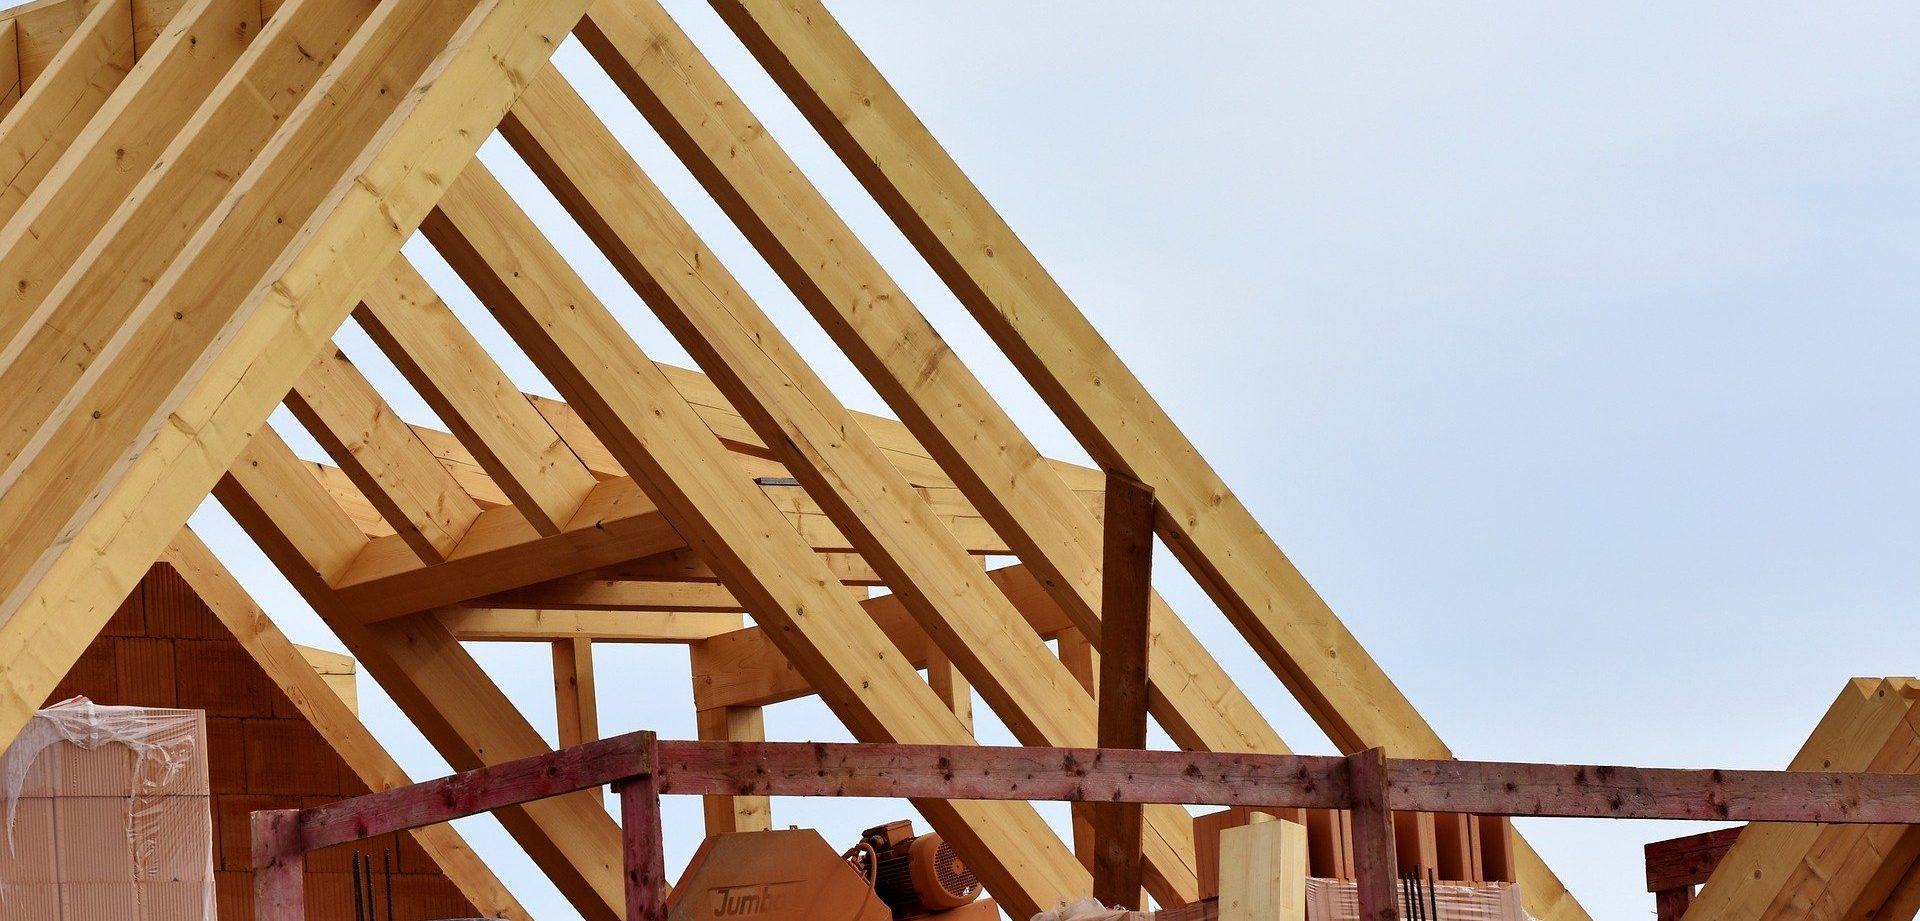 Ein Dachstuhl aus Holz